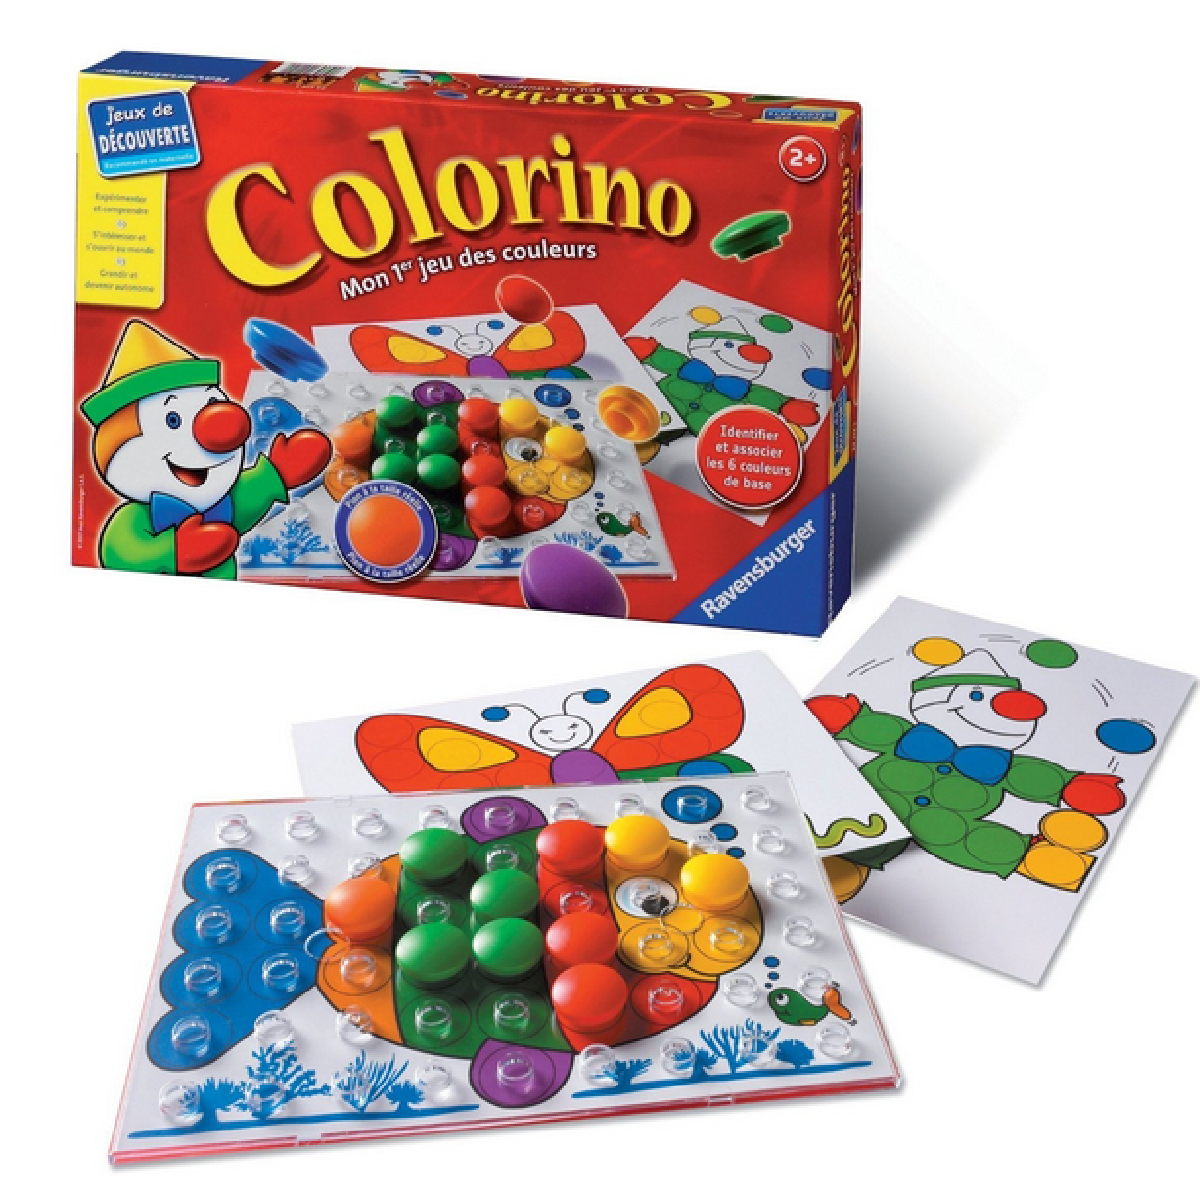 Cadeaux 2 Ouf : Idées De Cadeaux Insolites Et Originaux encequiconcerne Jeux Pour Enfant De 4 Ans